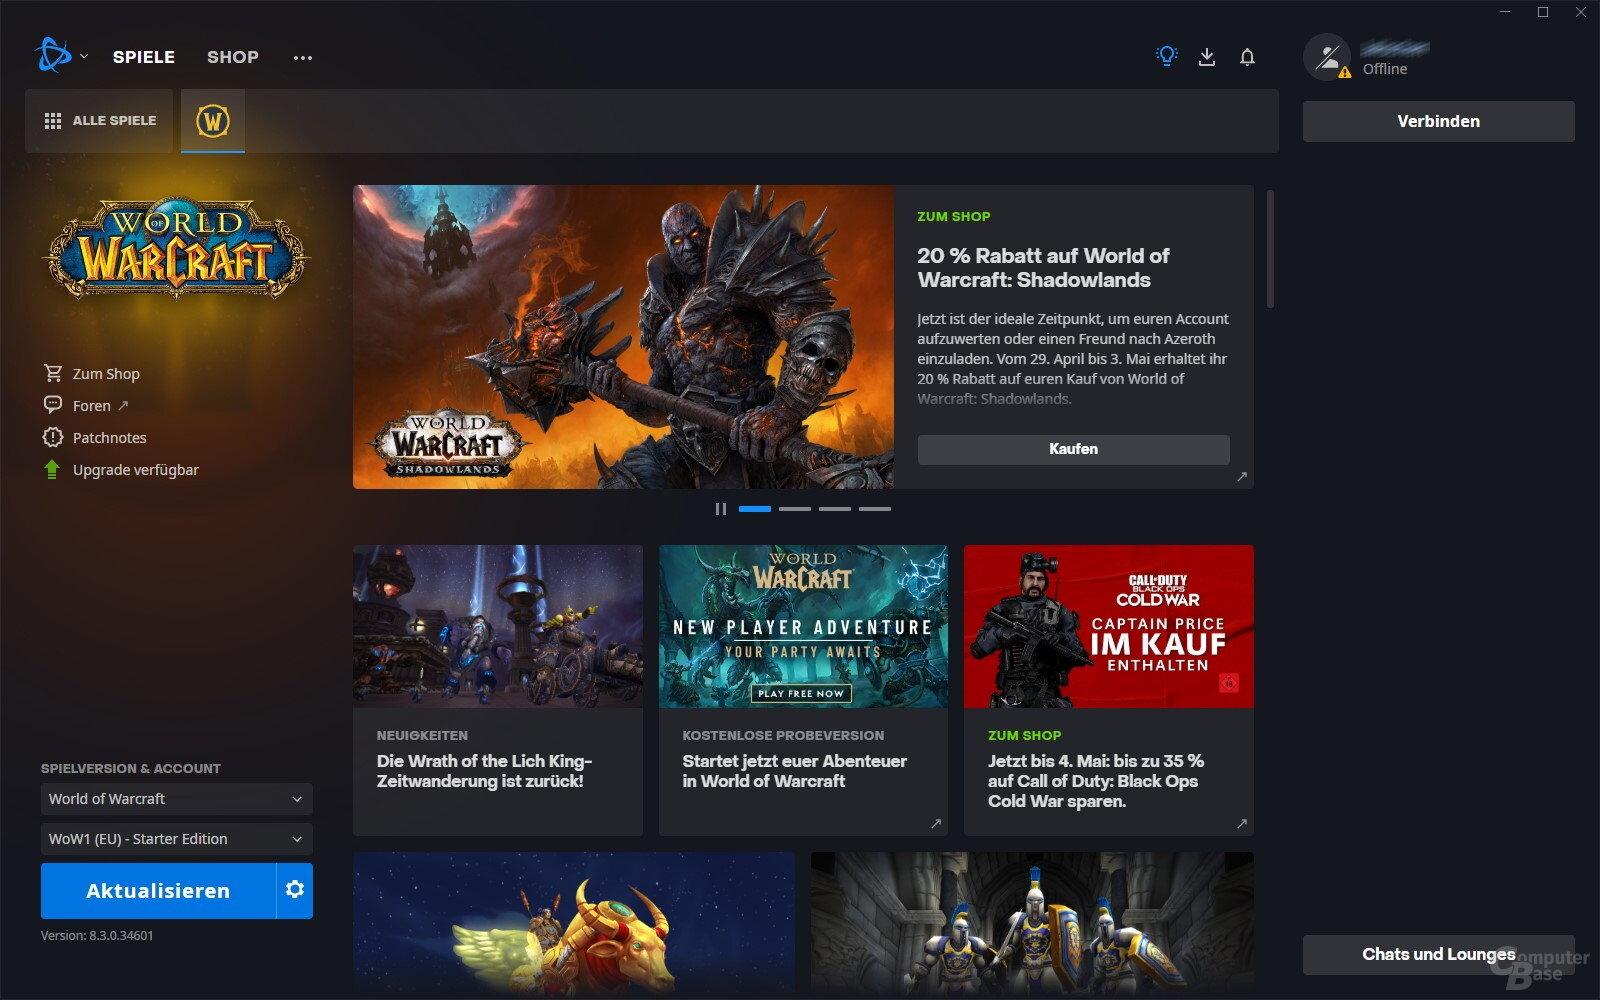 Battle.net – Spiele